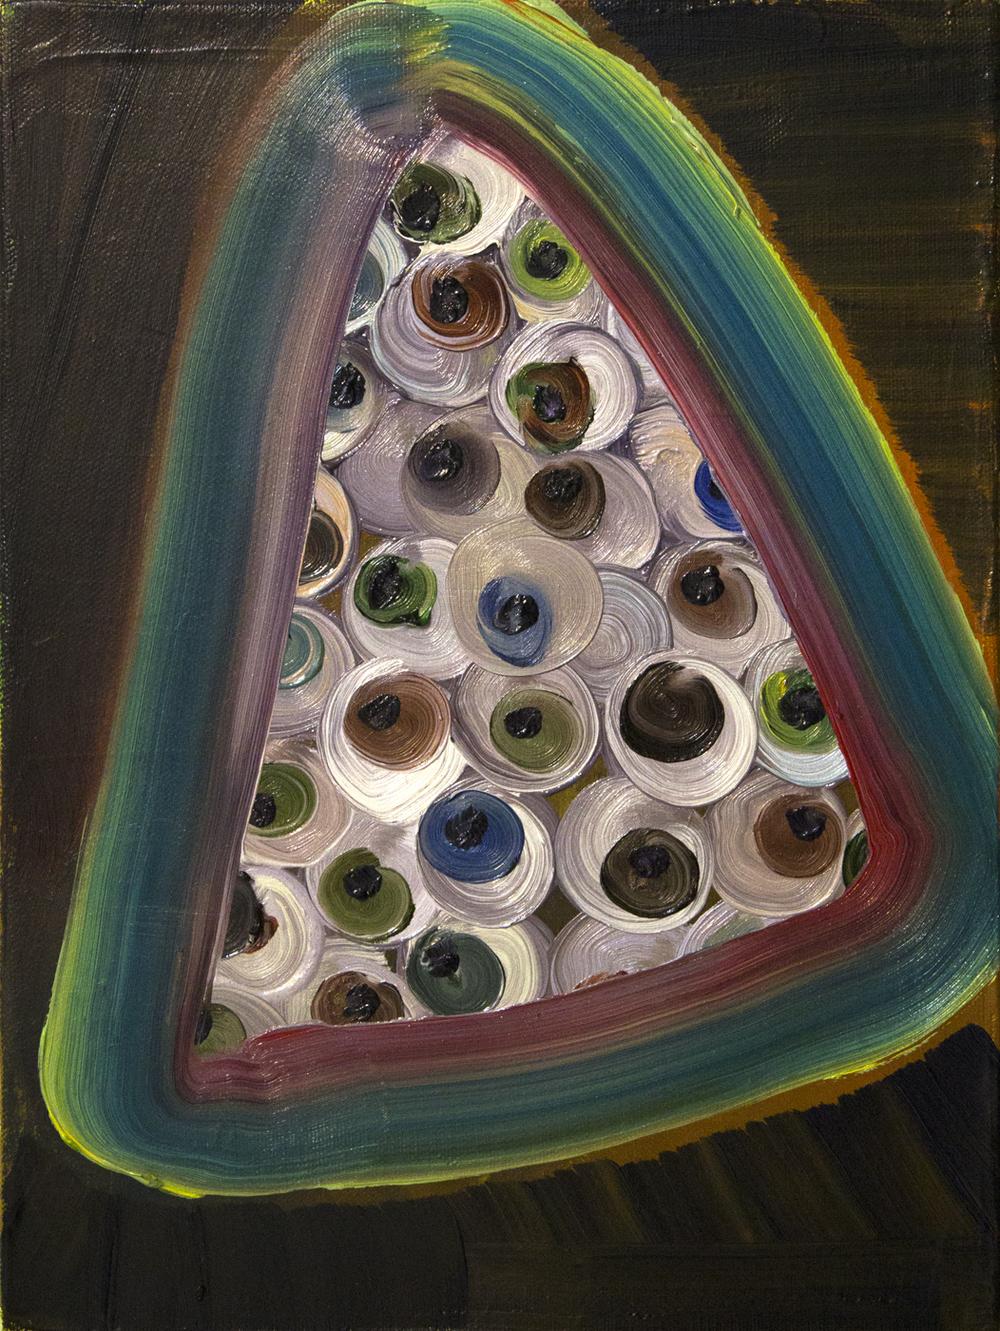 Eyeball Painting #2